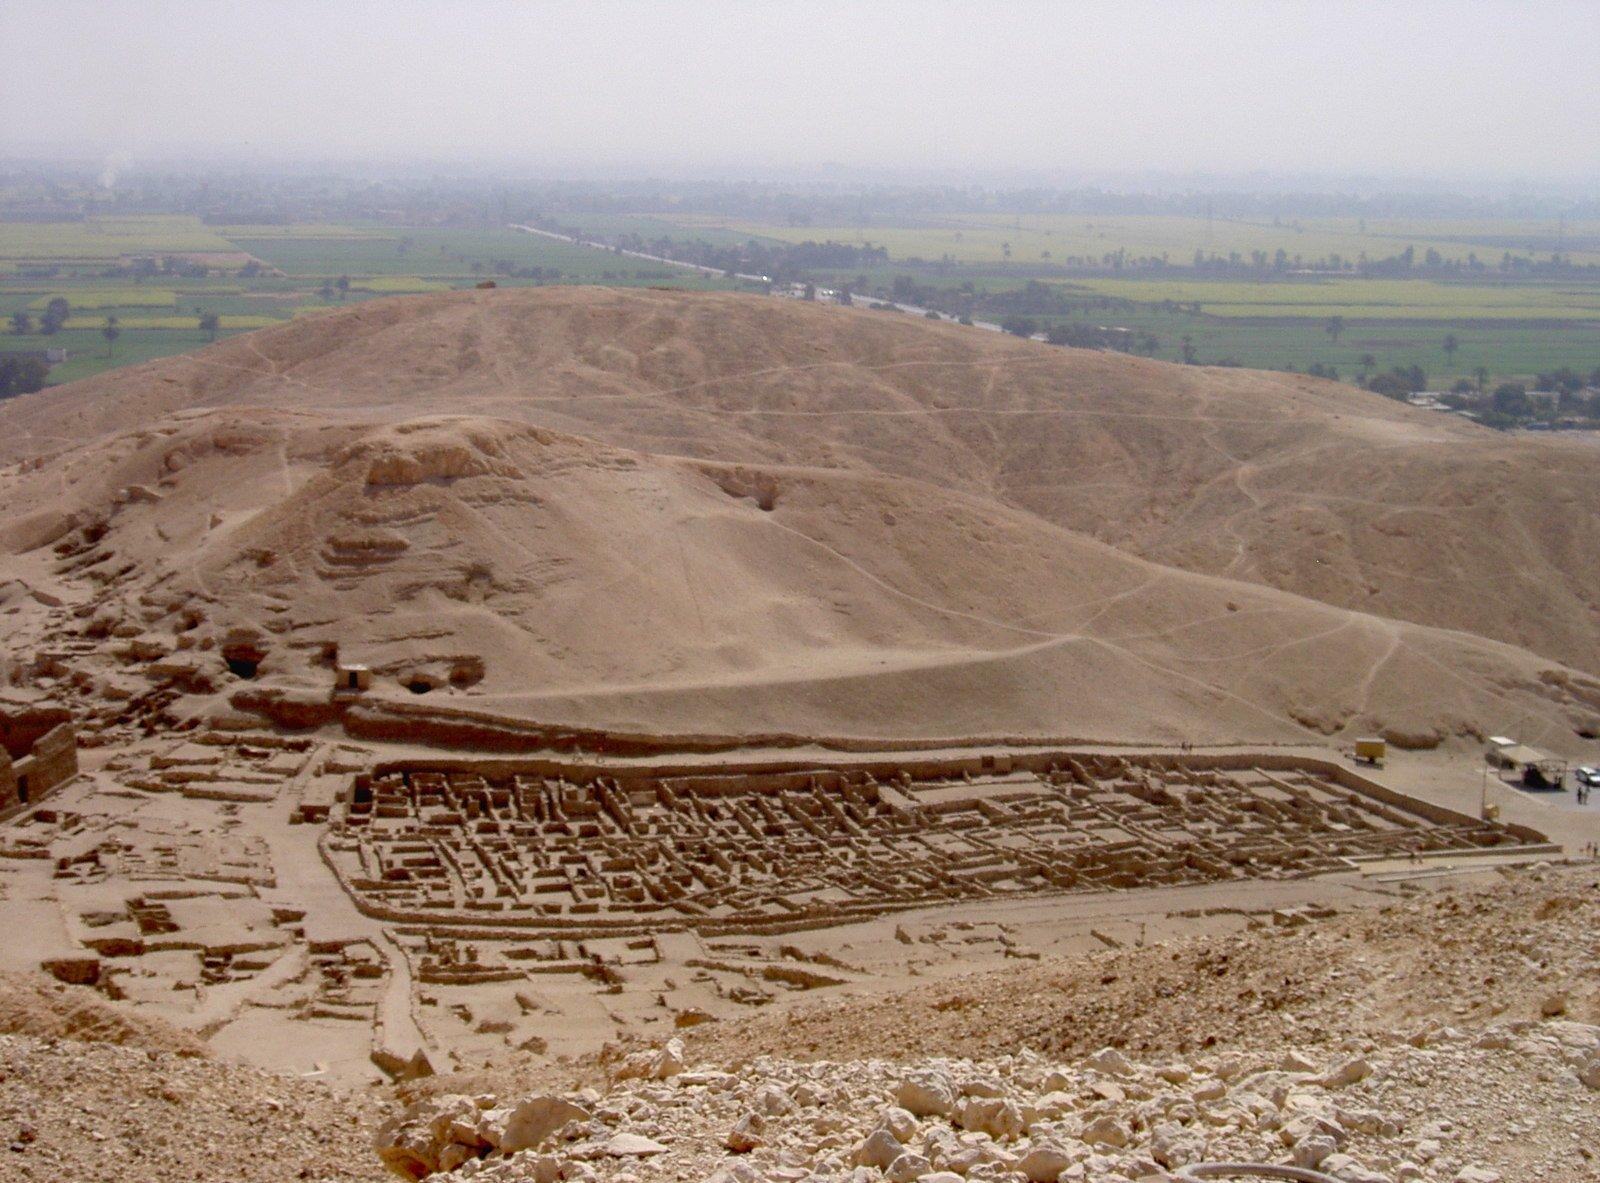 egypt-vykopavky-howard-carter-blogjpg